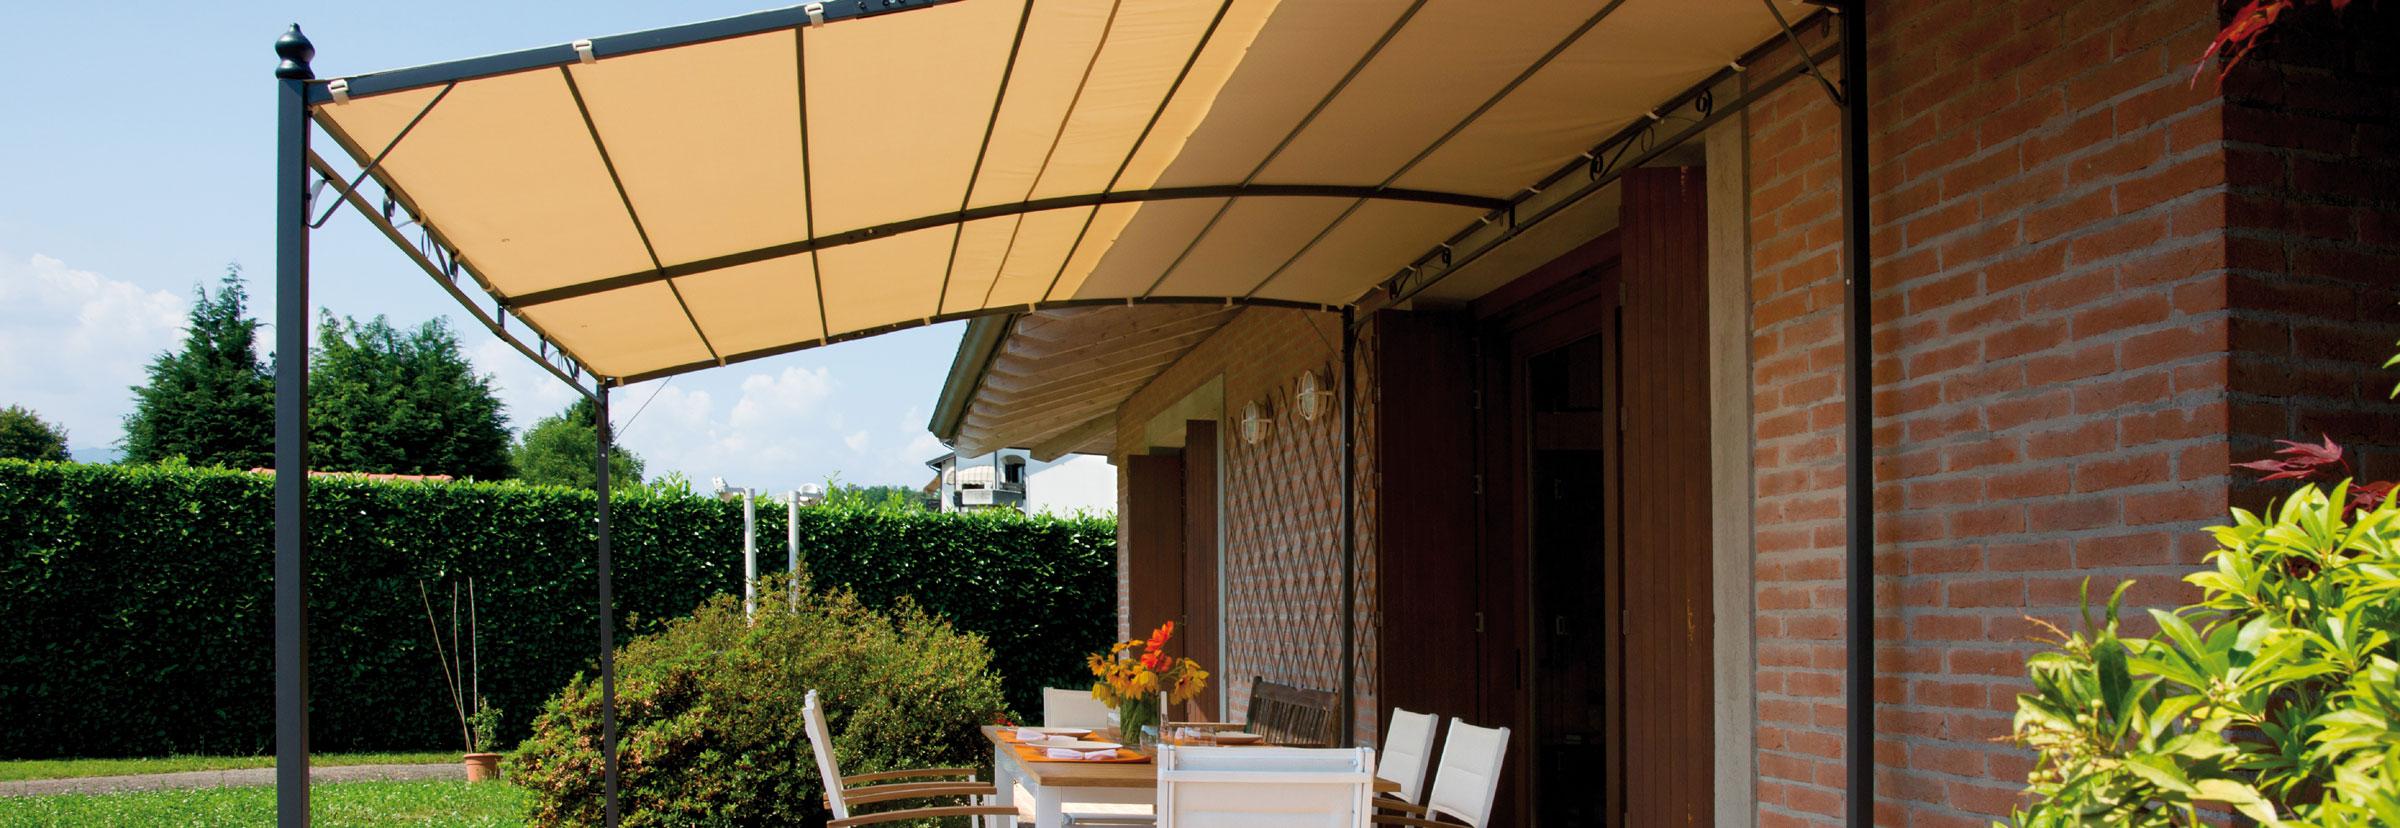 Mobili Per Giardino Roma.Slidegaz361 B Mobili Da Giardino Roma